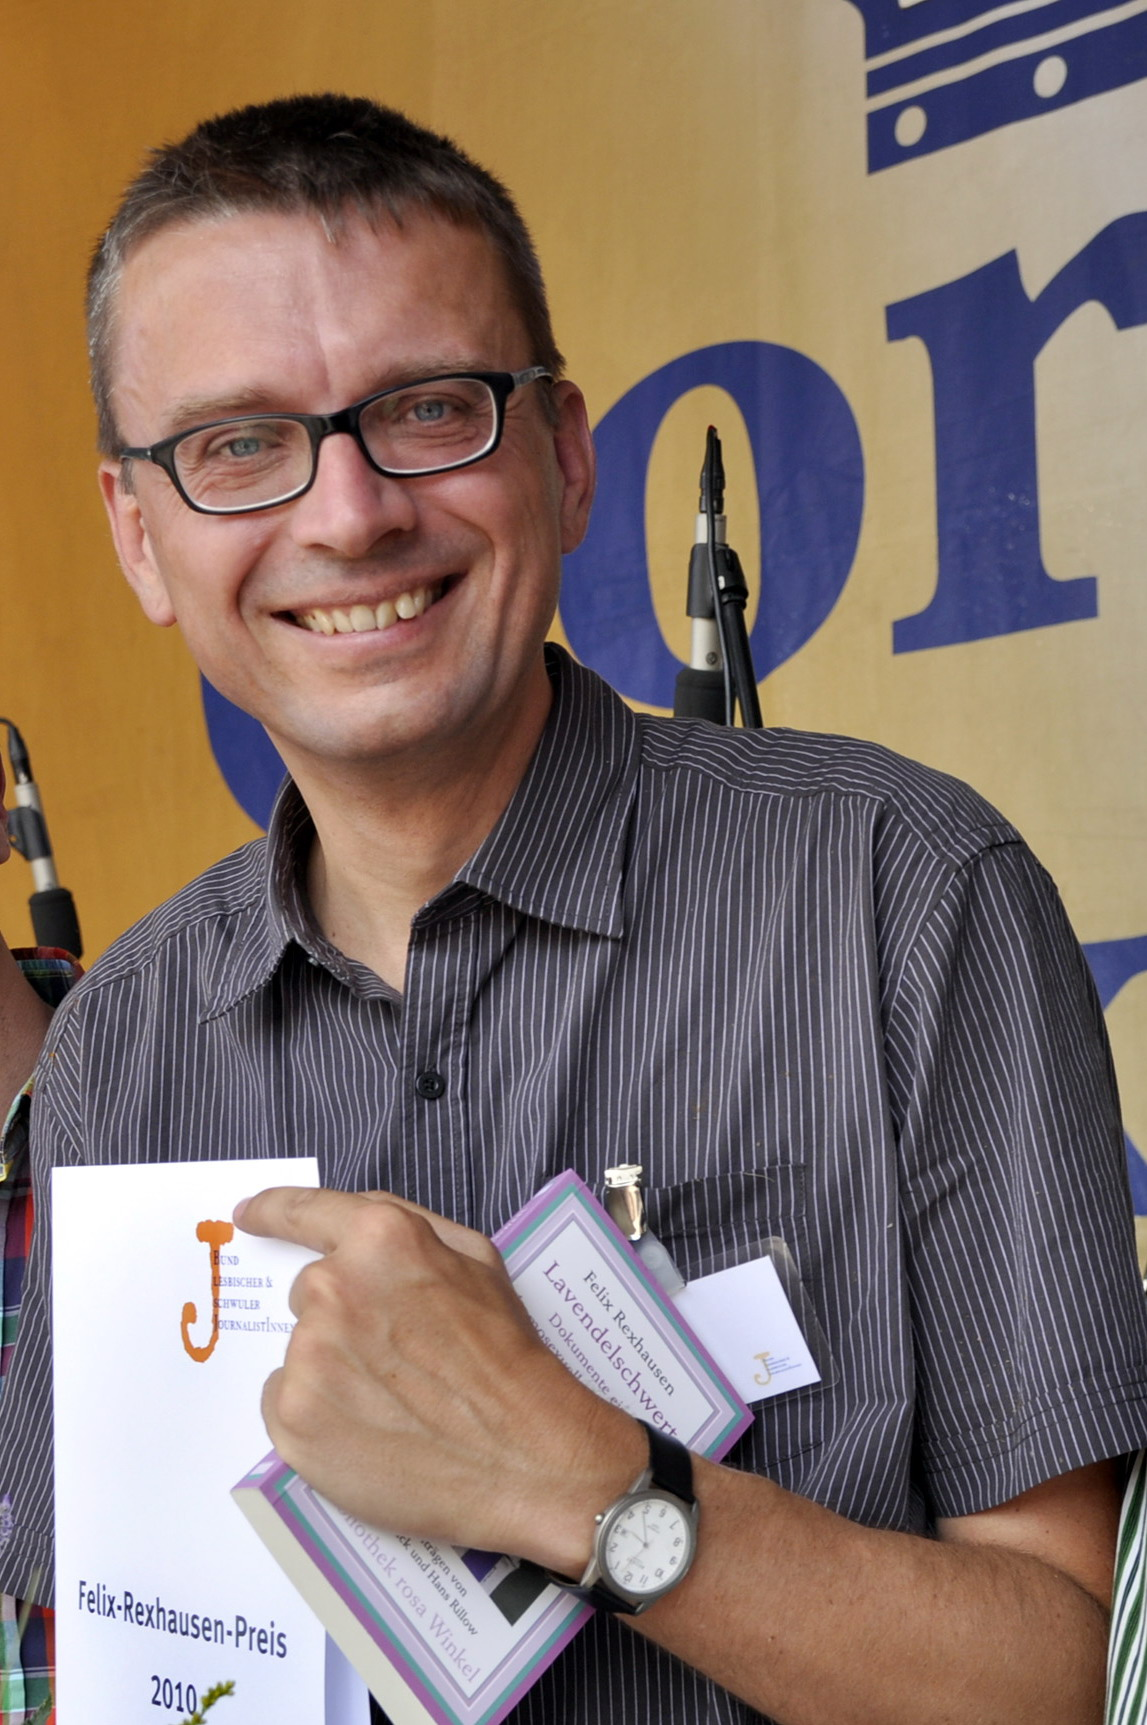 Preisträger 2011 | Bund Lesbischer und Schwuler JournalistInnen e.V.